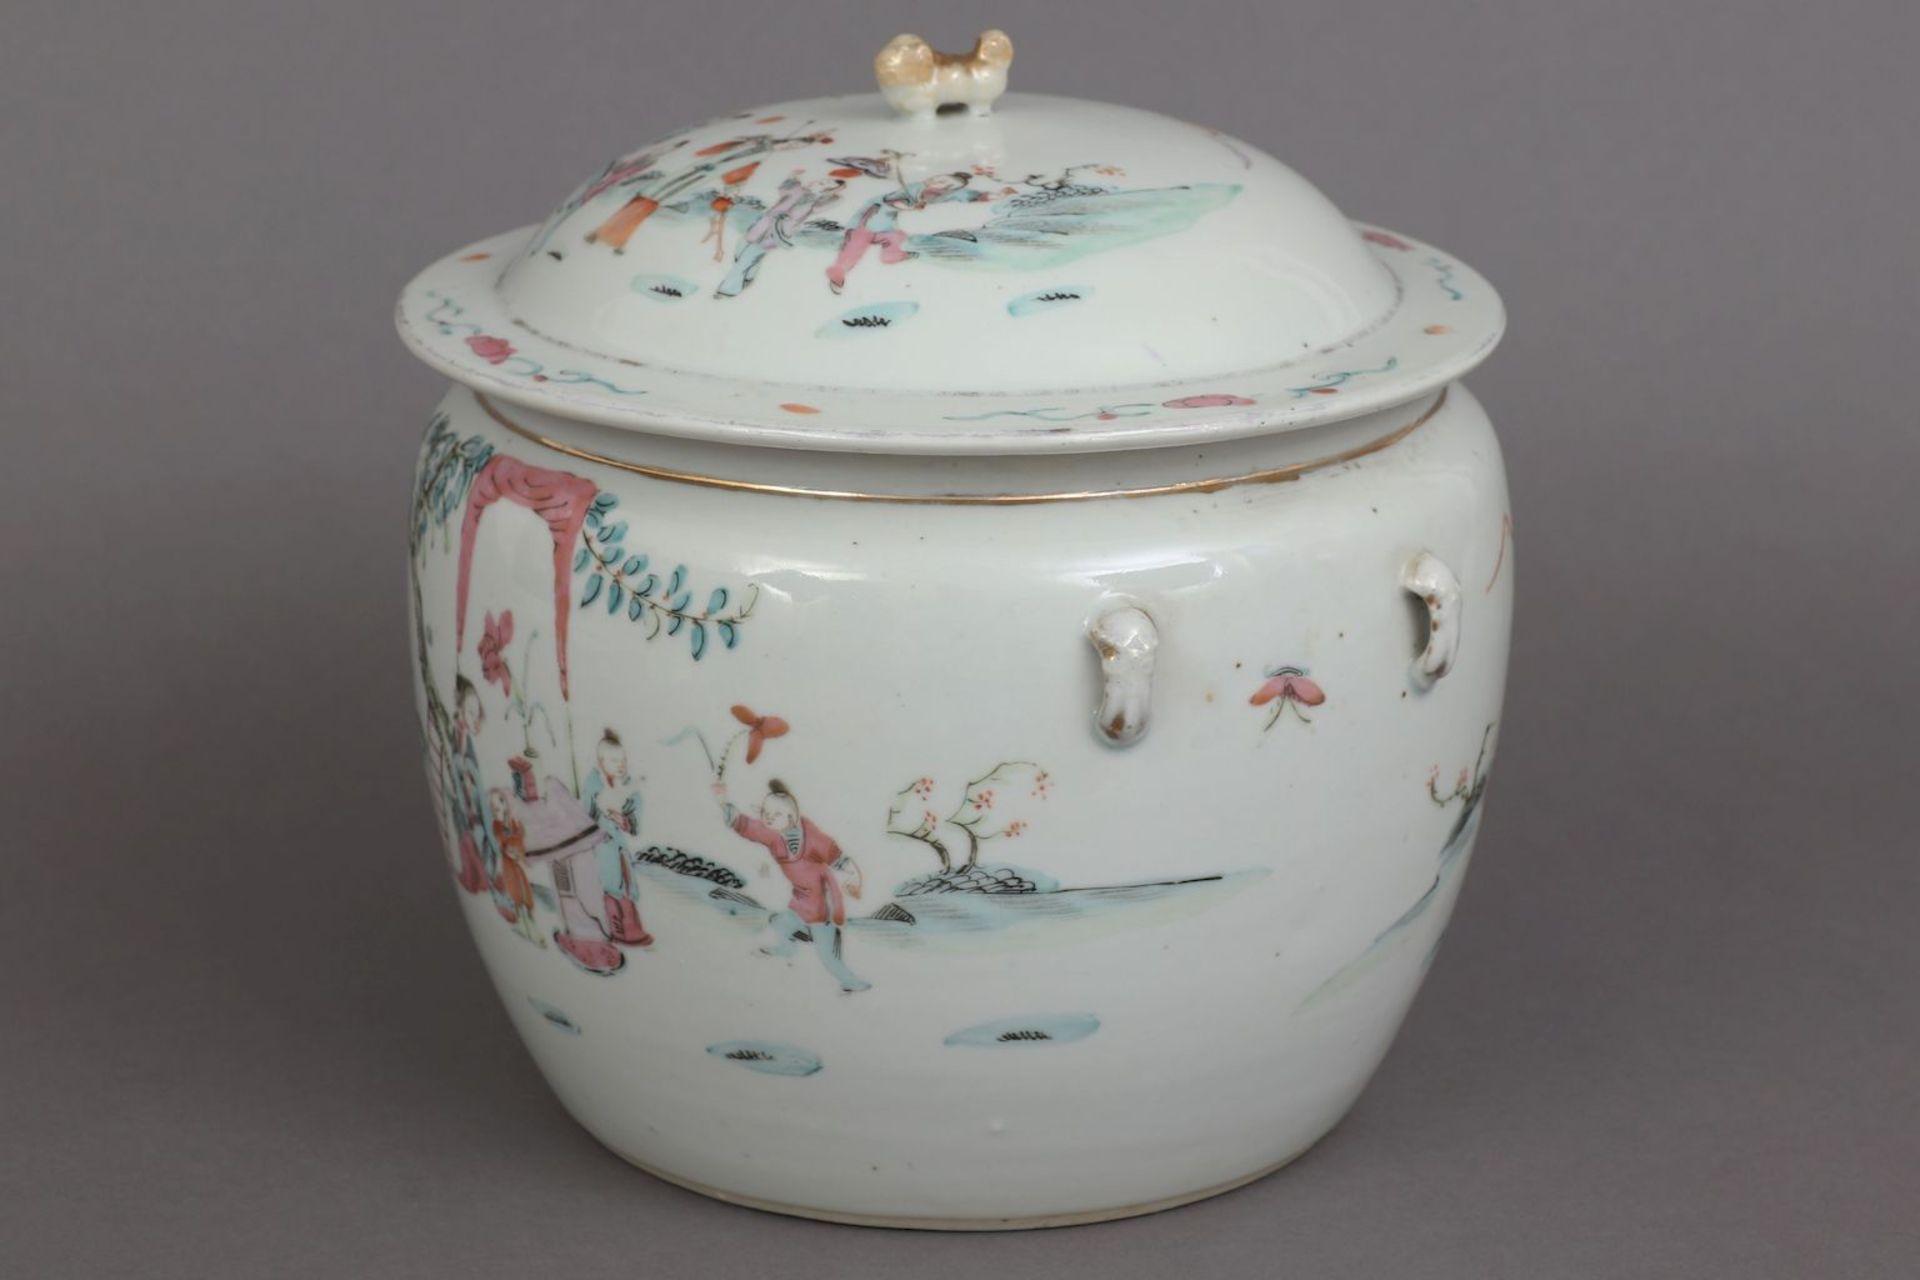 Chinesischer Porzellan Vorratstopf - Image 3 of 5